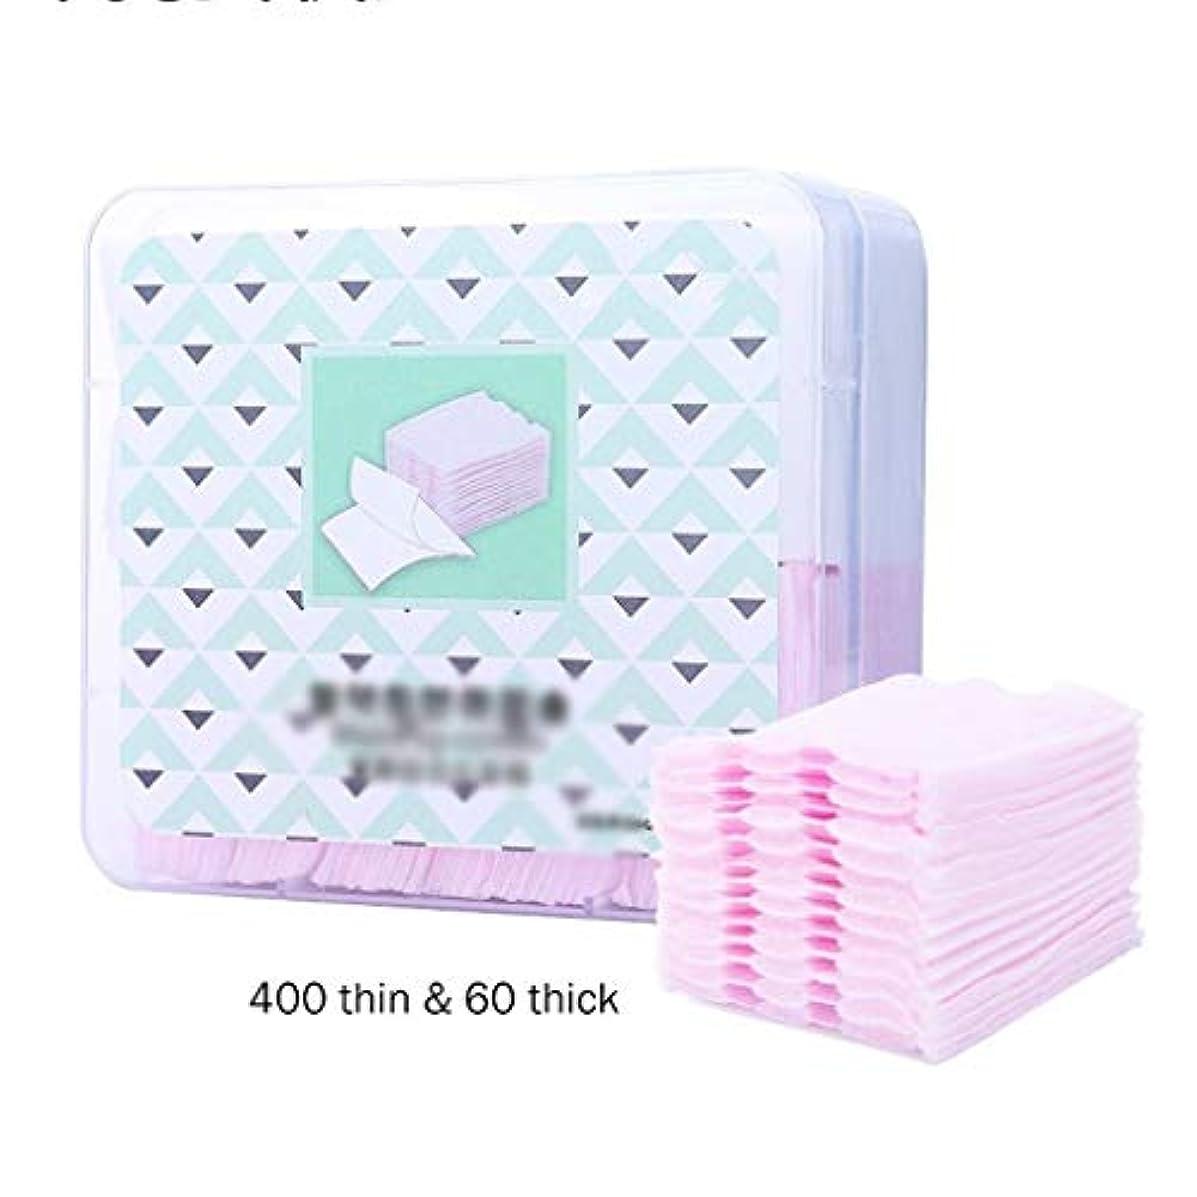 心配する悪質なパラダイスクレンジングシート 460ピース有機化粧コットンパッドネイル化粧品コットンワイプフェイスフェイシャルティッシュリムーバーワイプネイルナプキン化粧パッド (Color : Pink+White, サイズ : 5.2*5.9cm)